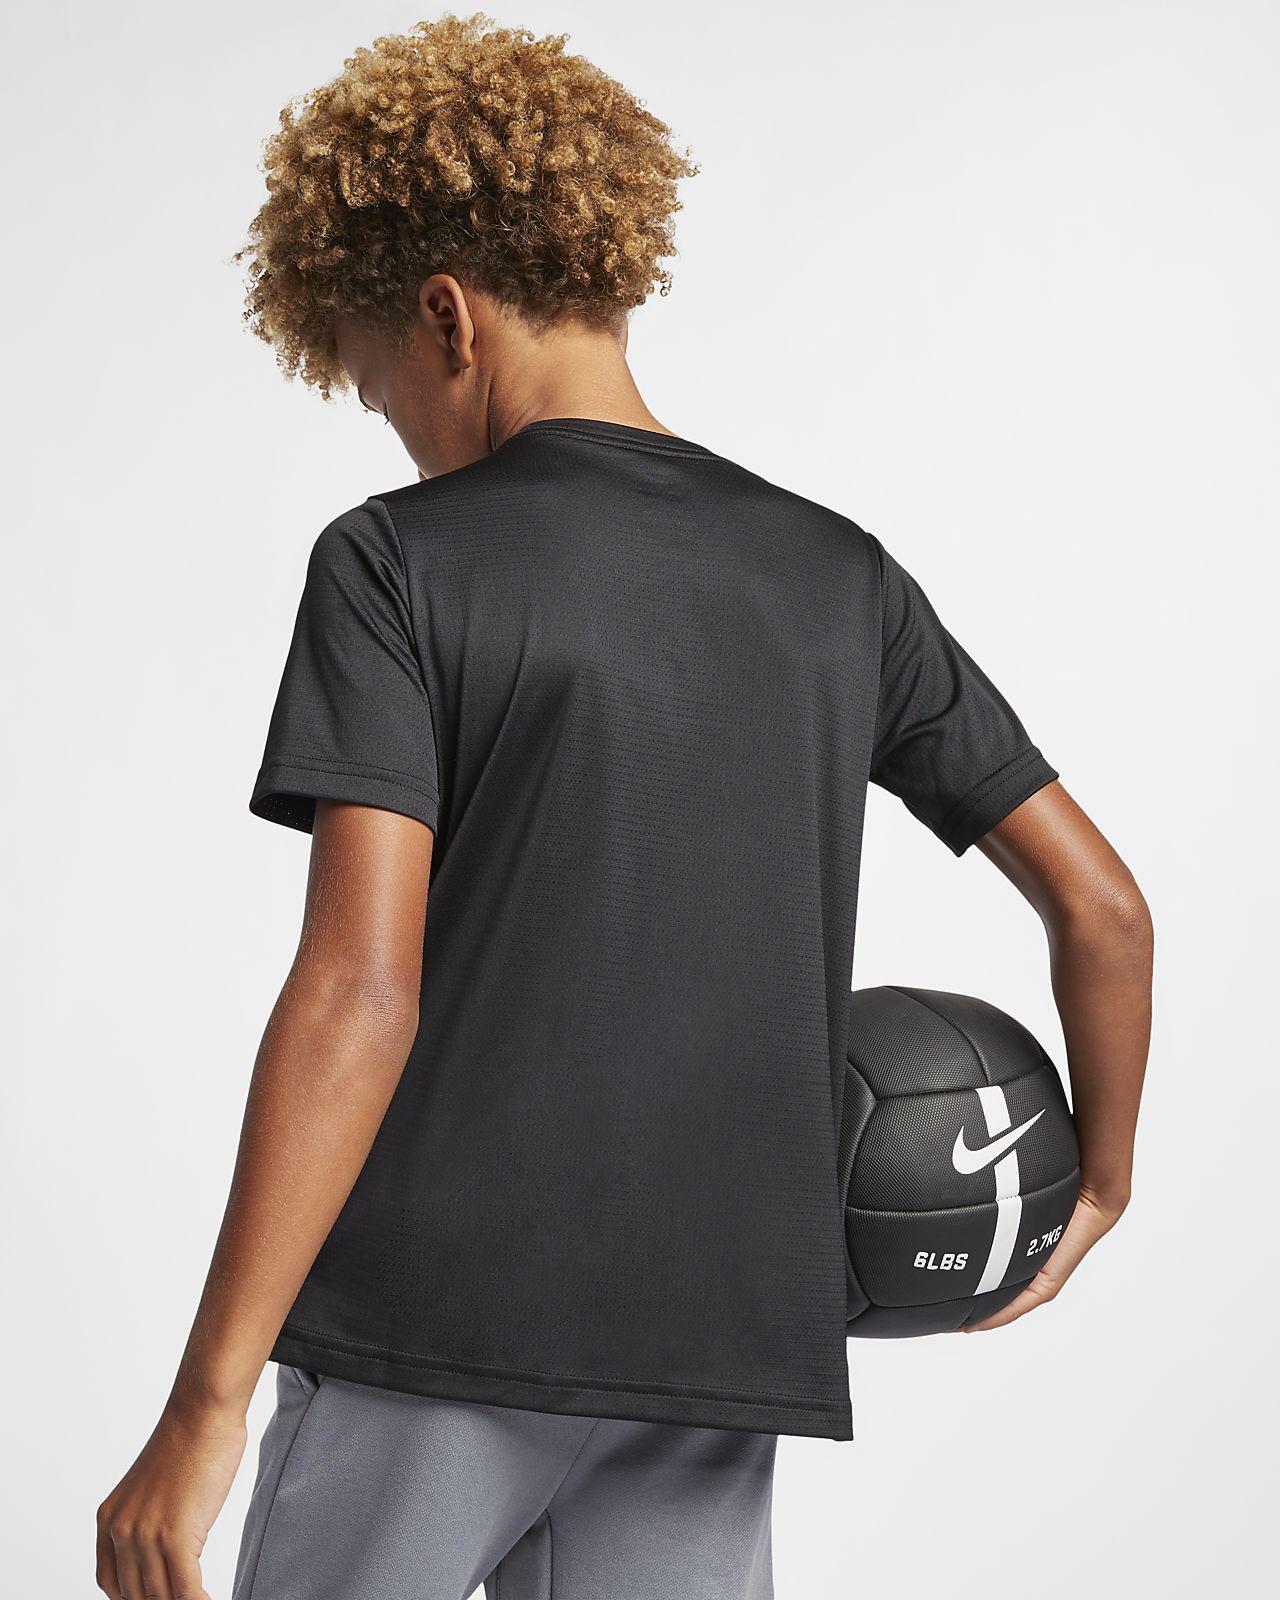 Κοντομάνικη μπλούζα προπόνησης Nike Dri-FIT για μεγάλα αγόρια. Nike ... 4b5ef7c5275